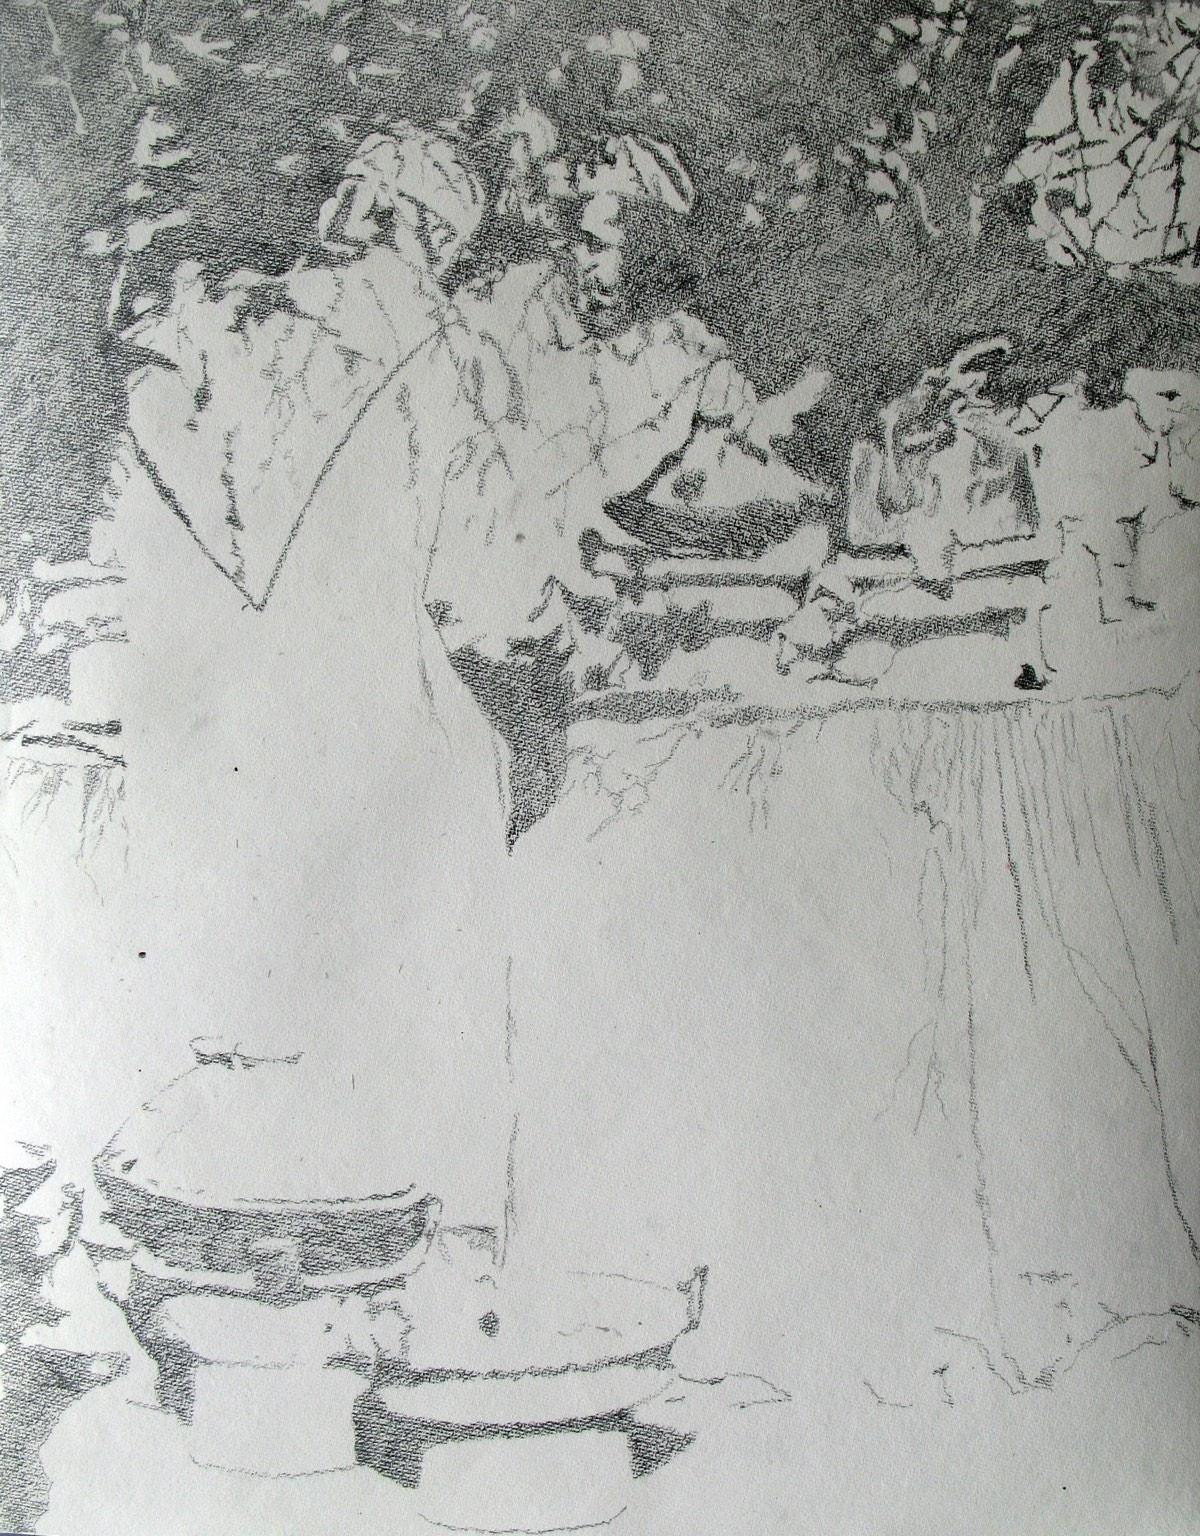 Eetkraampje op de markt, 56x67cm, potlood op handgeschept papier. (sold)